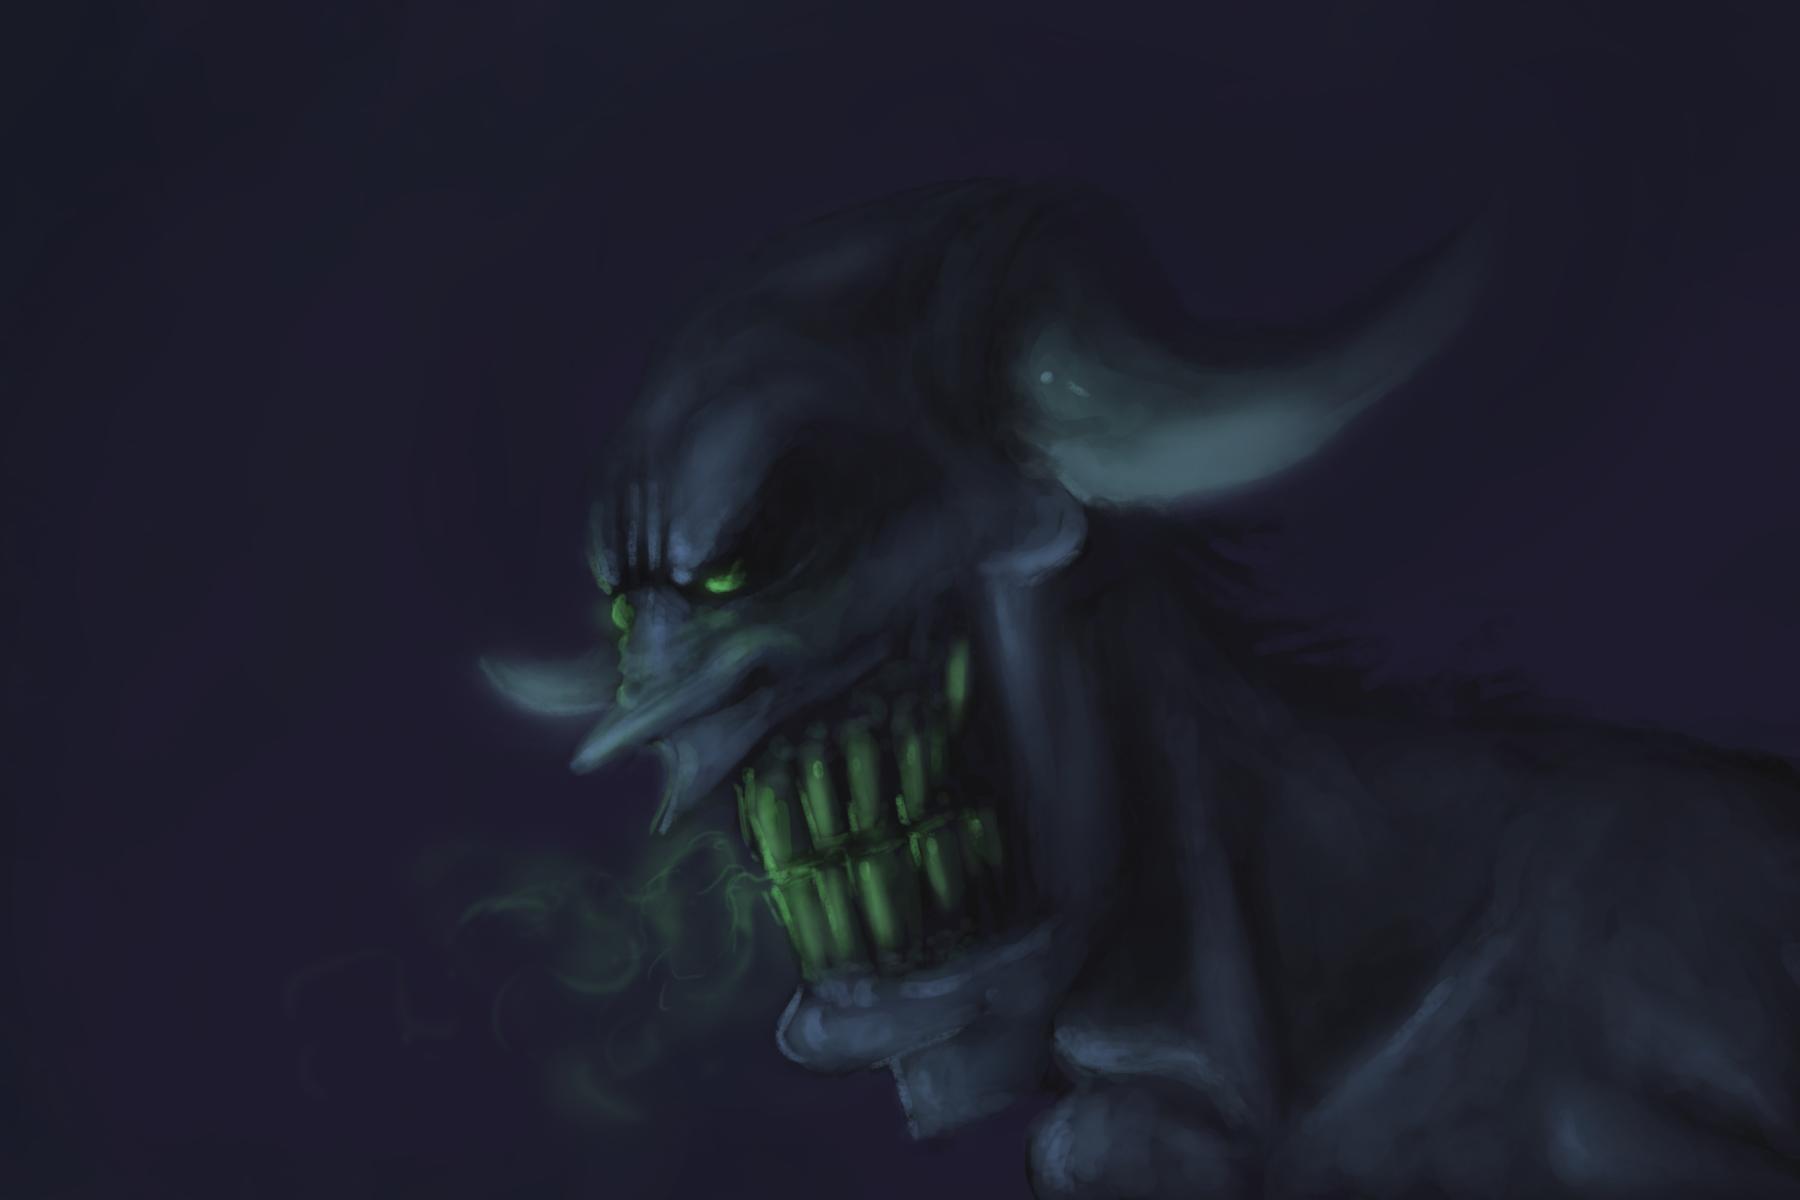 Wacky Devil